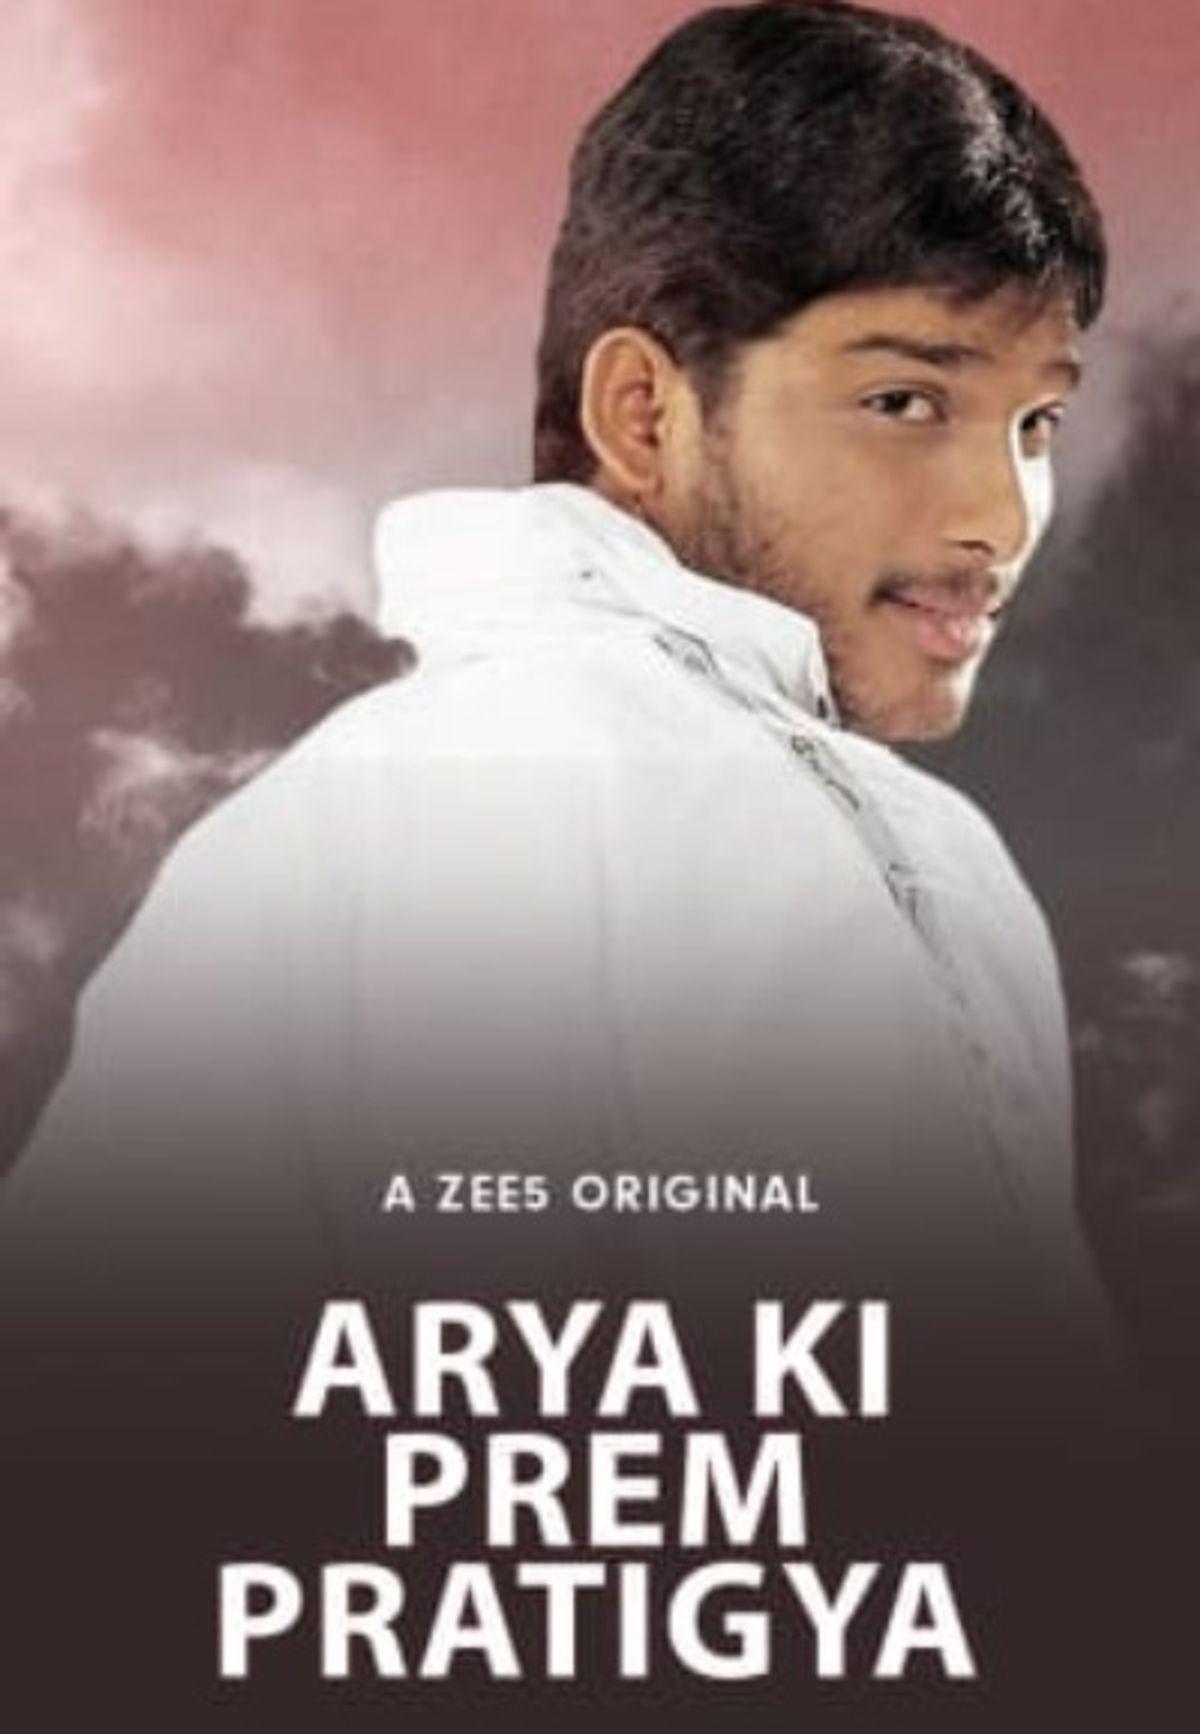 Arya Ki Prem Pratigya